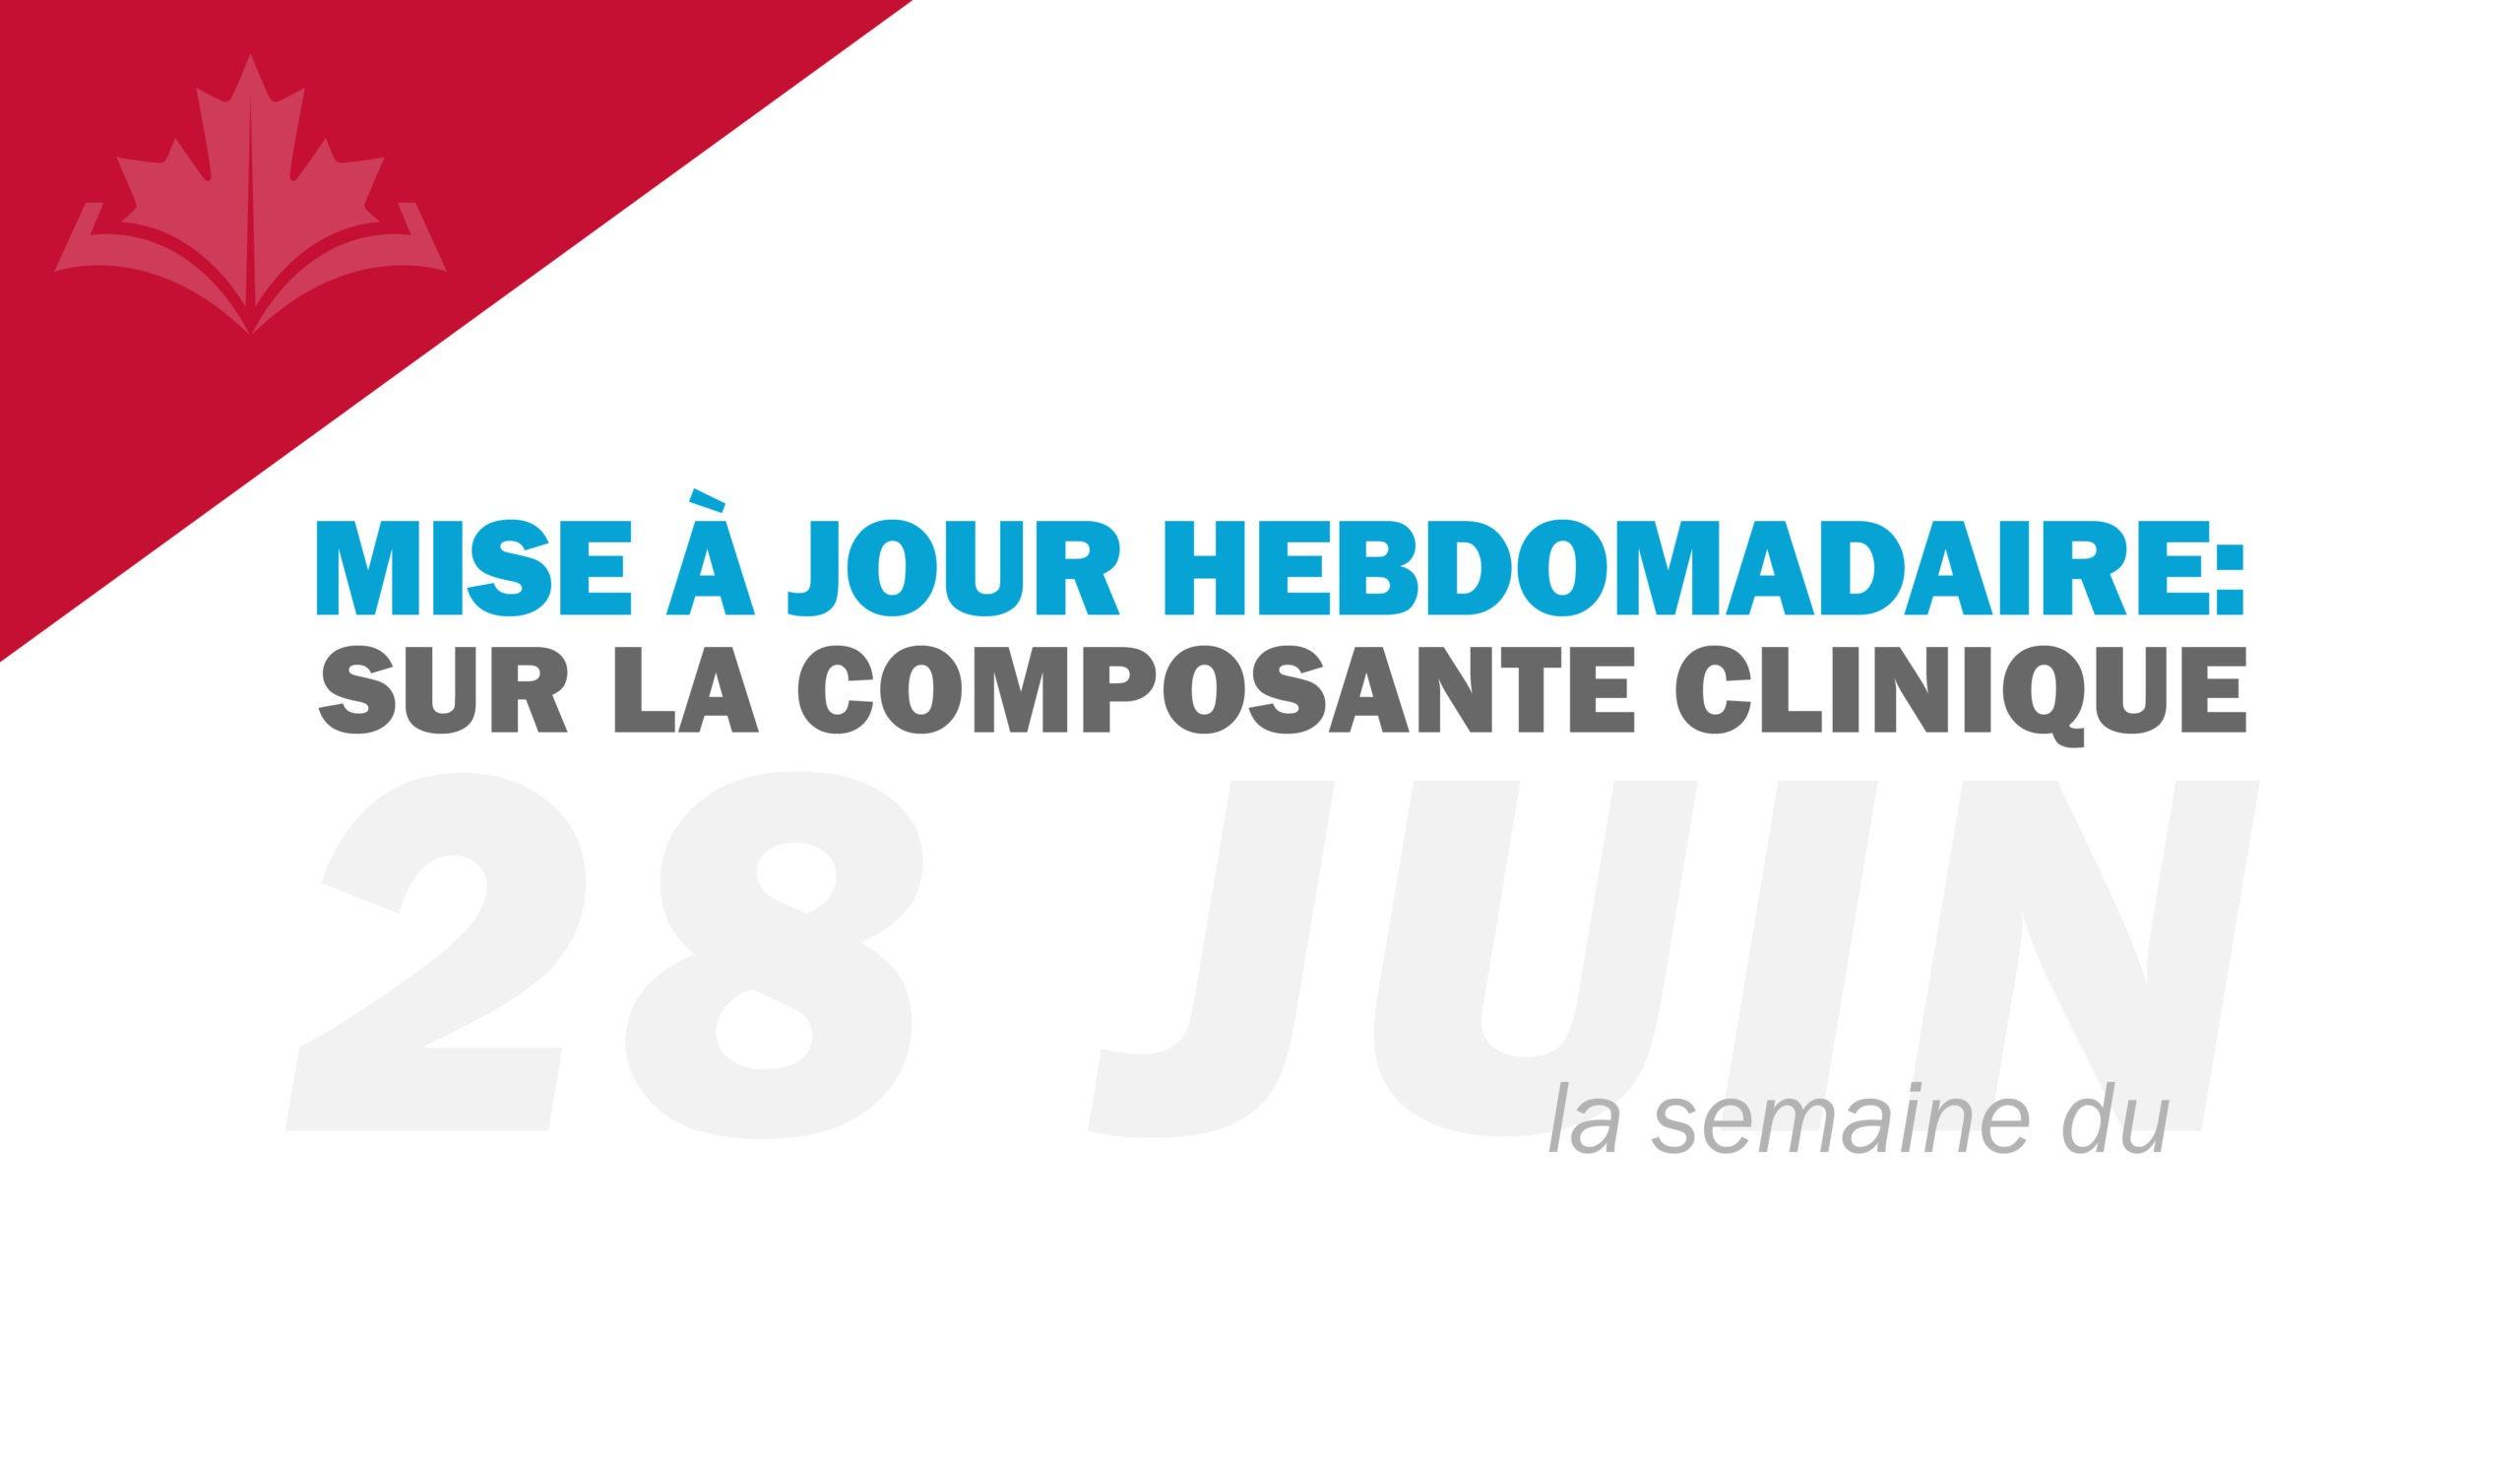 Mise à jour hebdomadaire sur la composante clinique : semaine du 28 juin